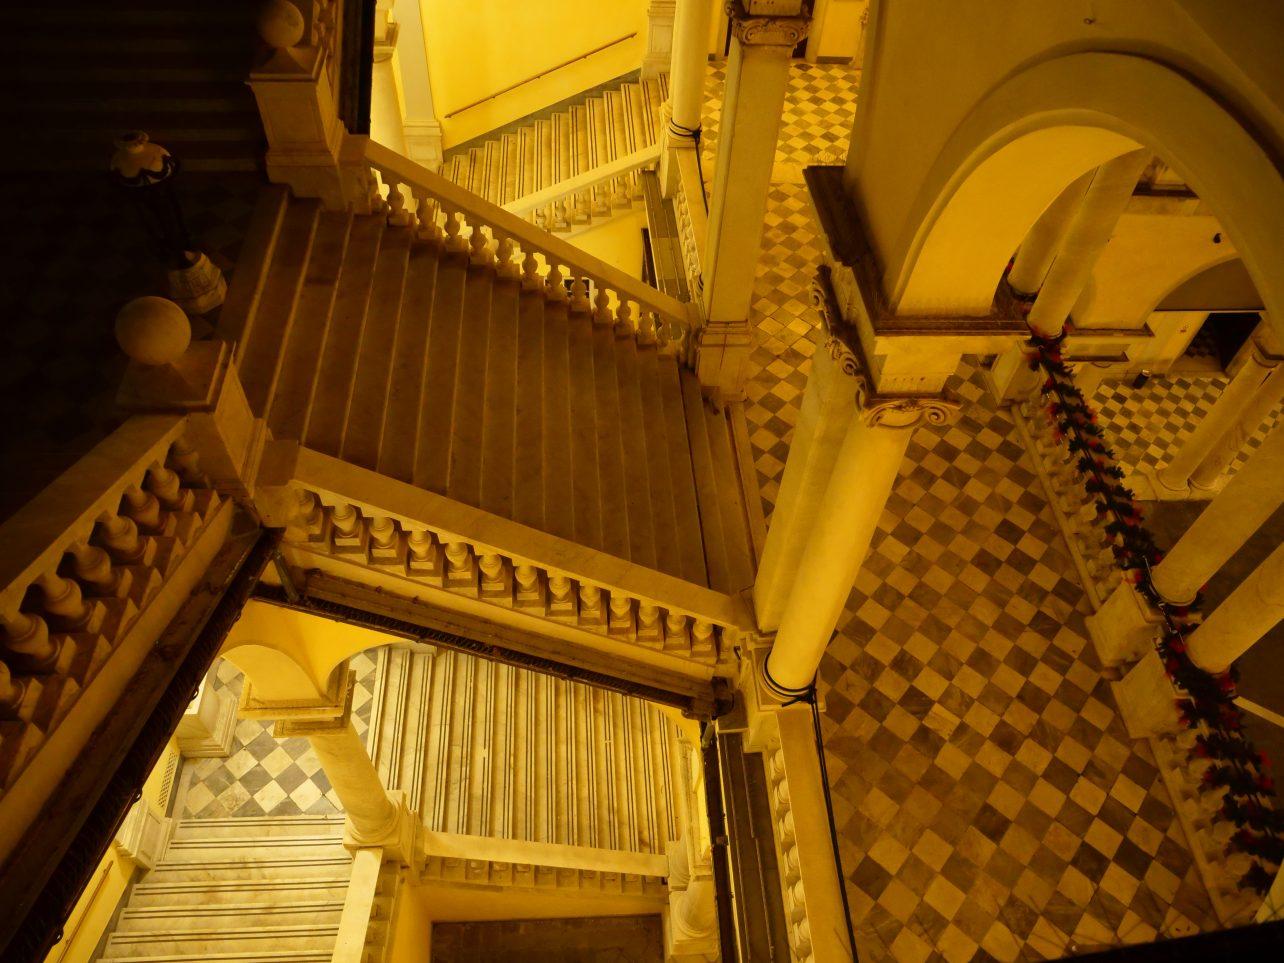 La visite de l'université de Gênes pendant la nuit